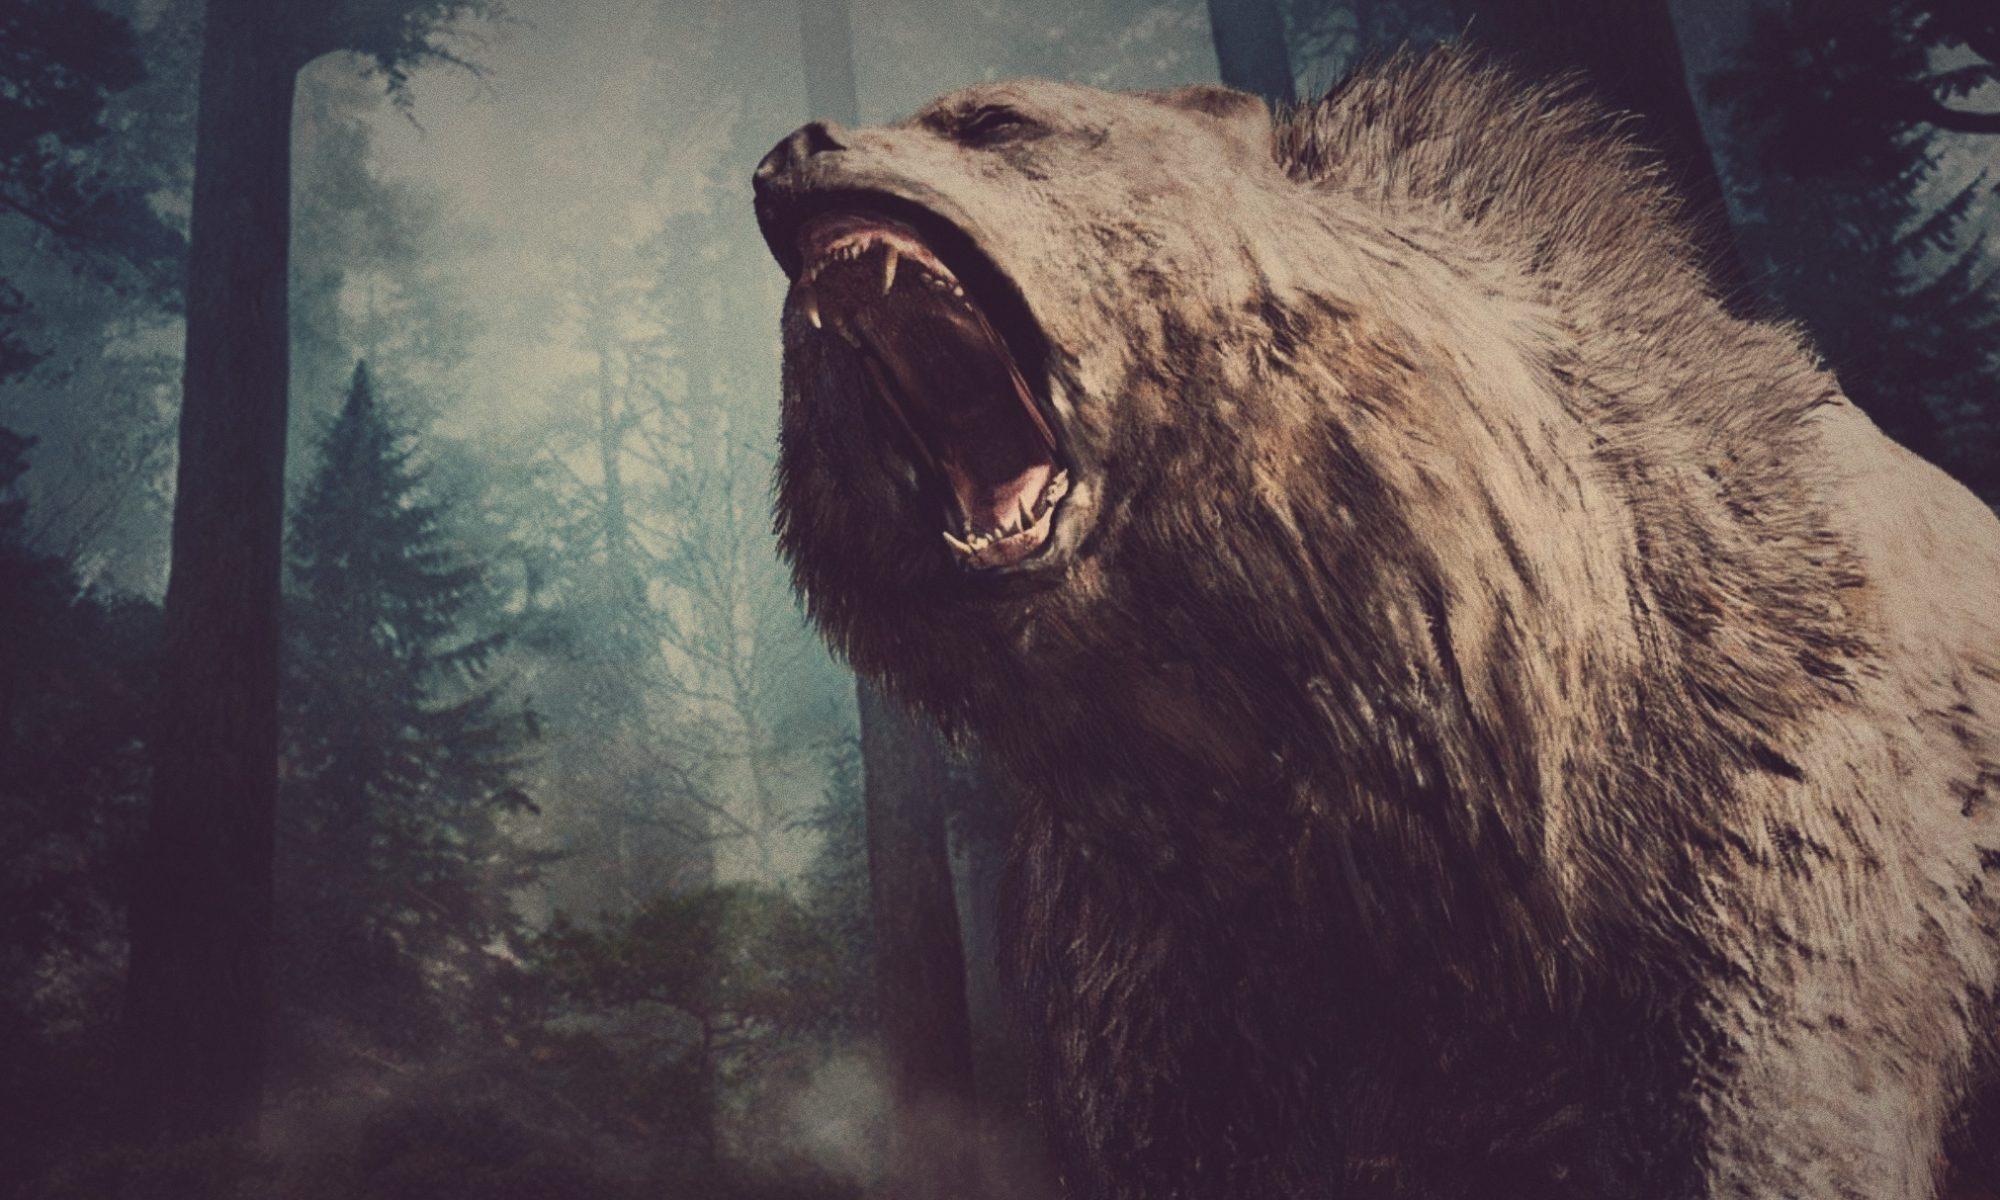 Científicos logran secuenciar el genoma del oso de la cavernas usando un hueso de hace 360.000 años